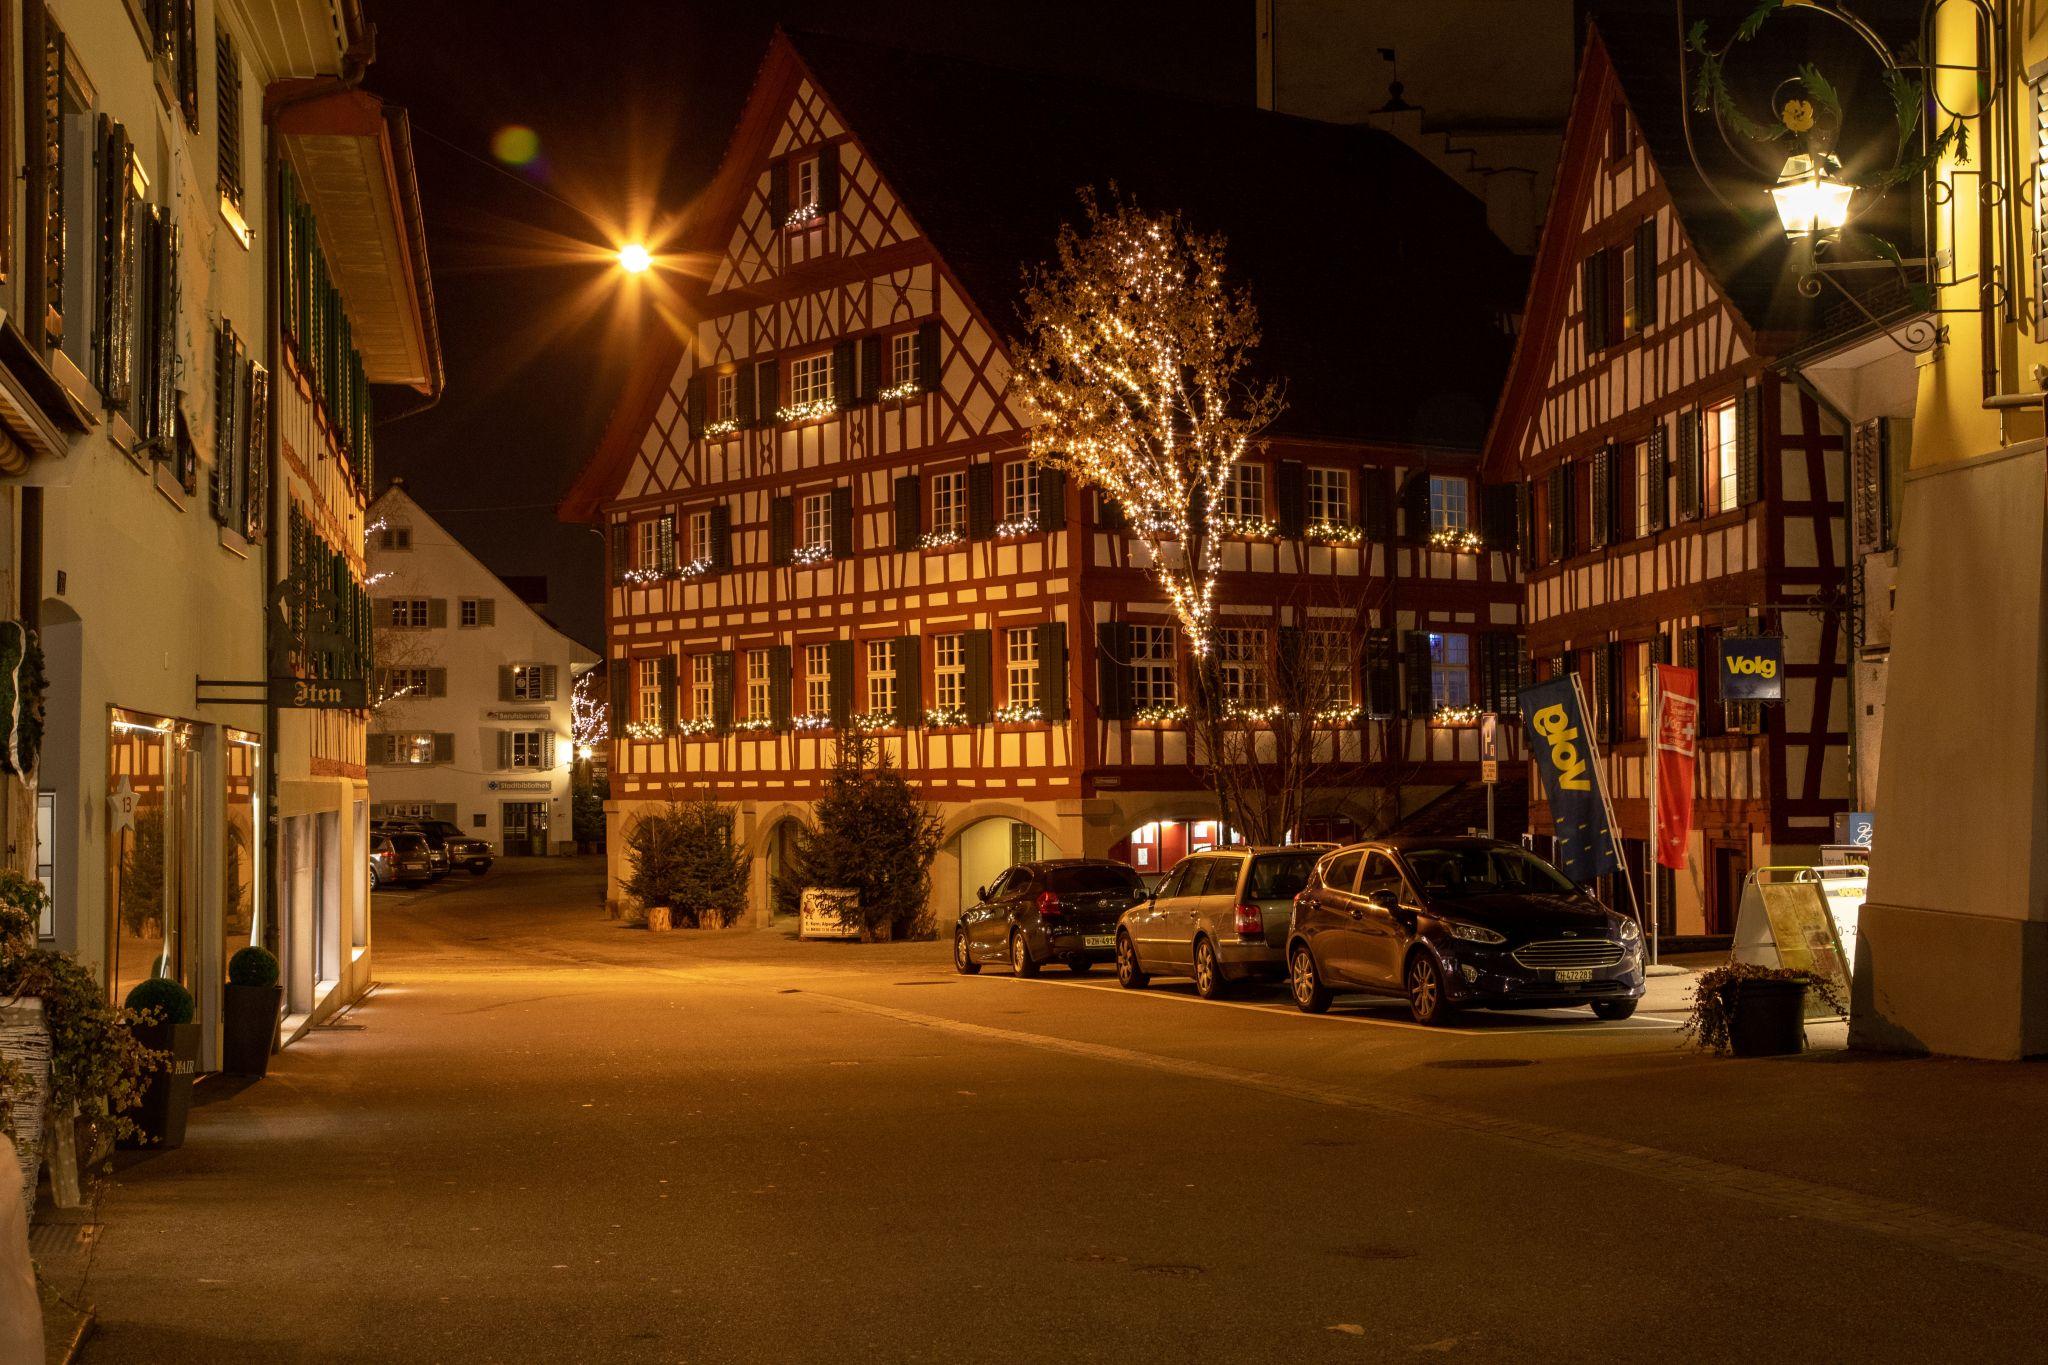 Bülach old town, Switzerland